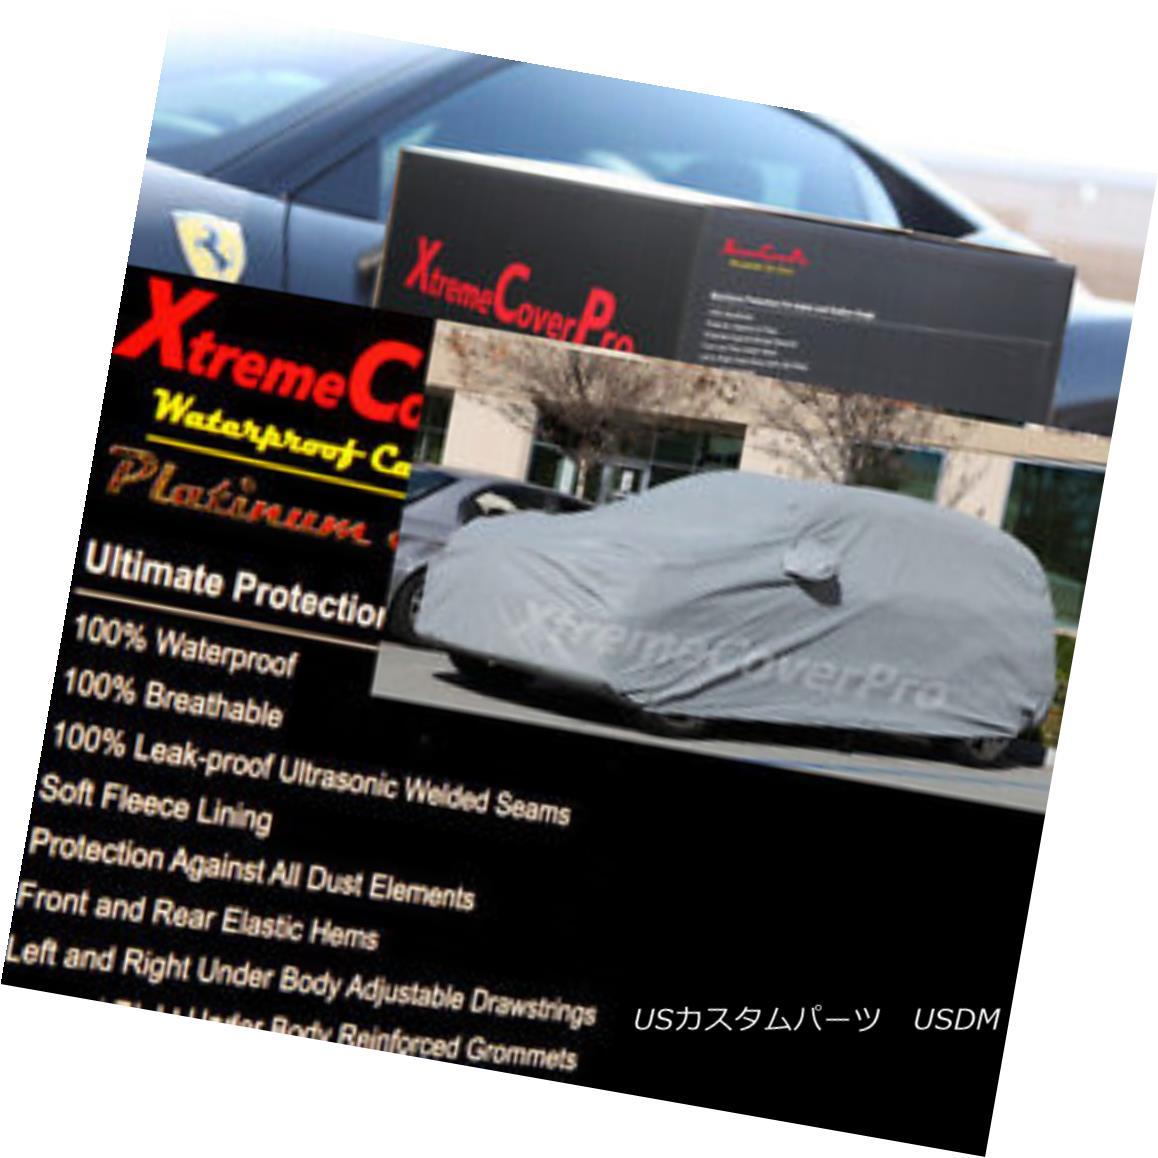 カーカバー 2007 2008 2009 Lincoln Navigator Waterproof Car Cover w/MirrorPocket 2007年2008年リンカーン・ナビゲーター防水カーカバー付きMirrorPocket